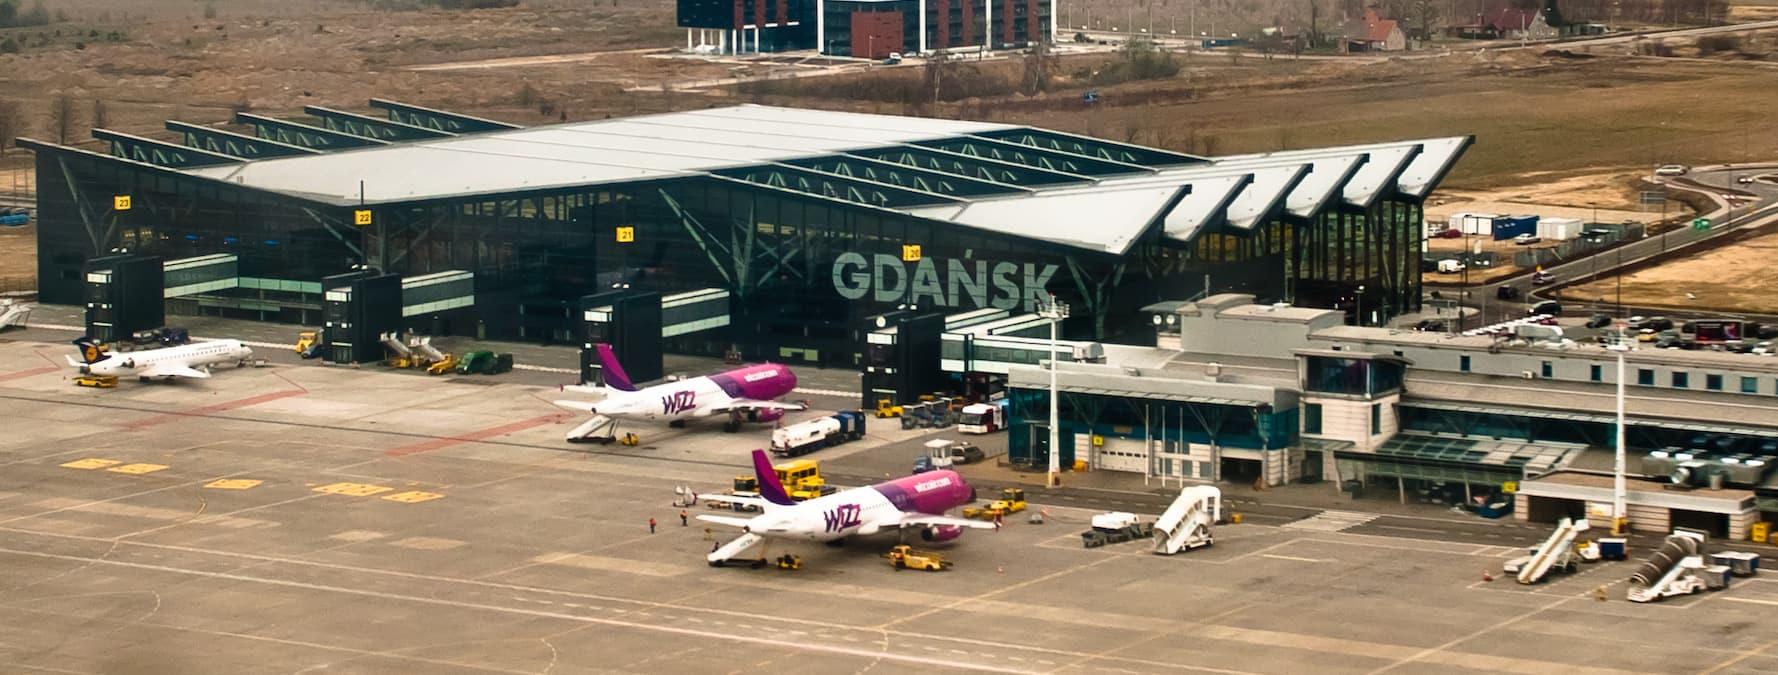 Gdansk flygplats